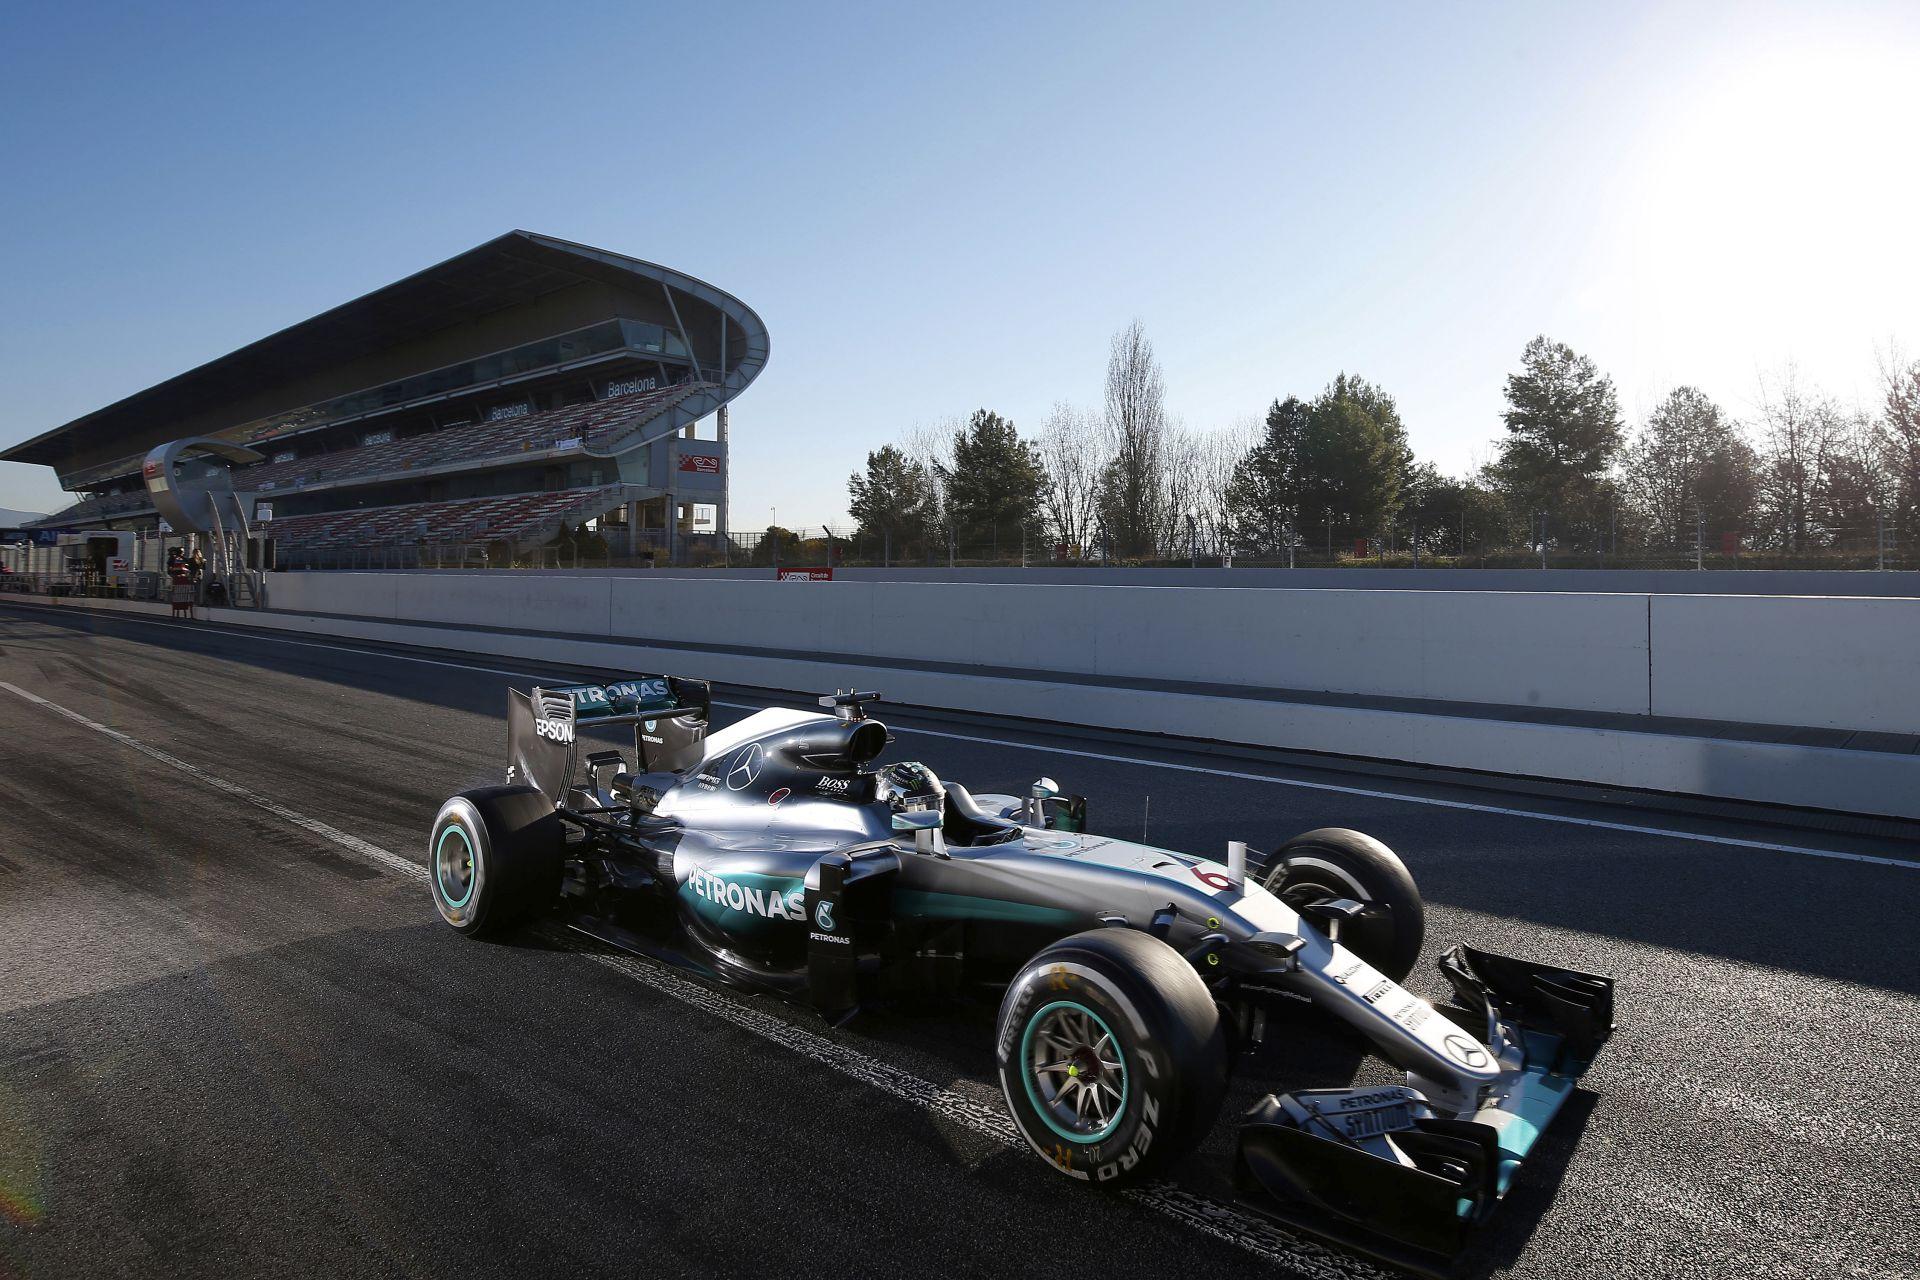 Több, mint 6000 kilométert tesztelt a Mercedes: hihetetlen számok a csapatnál